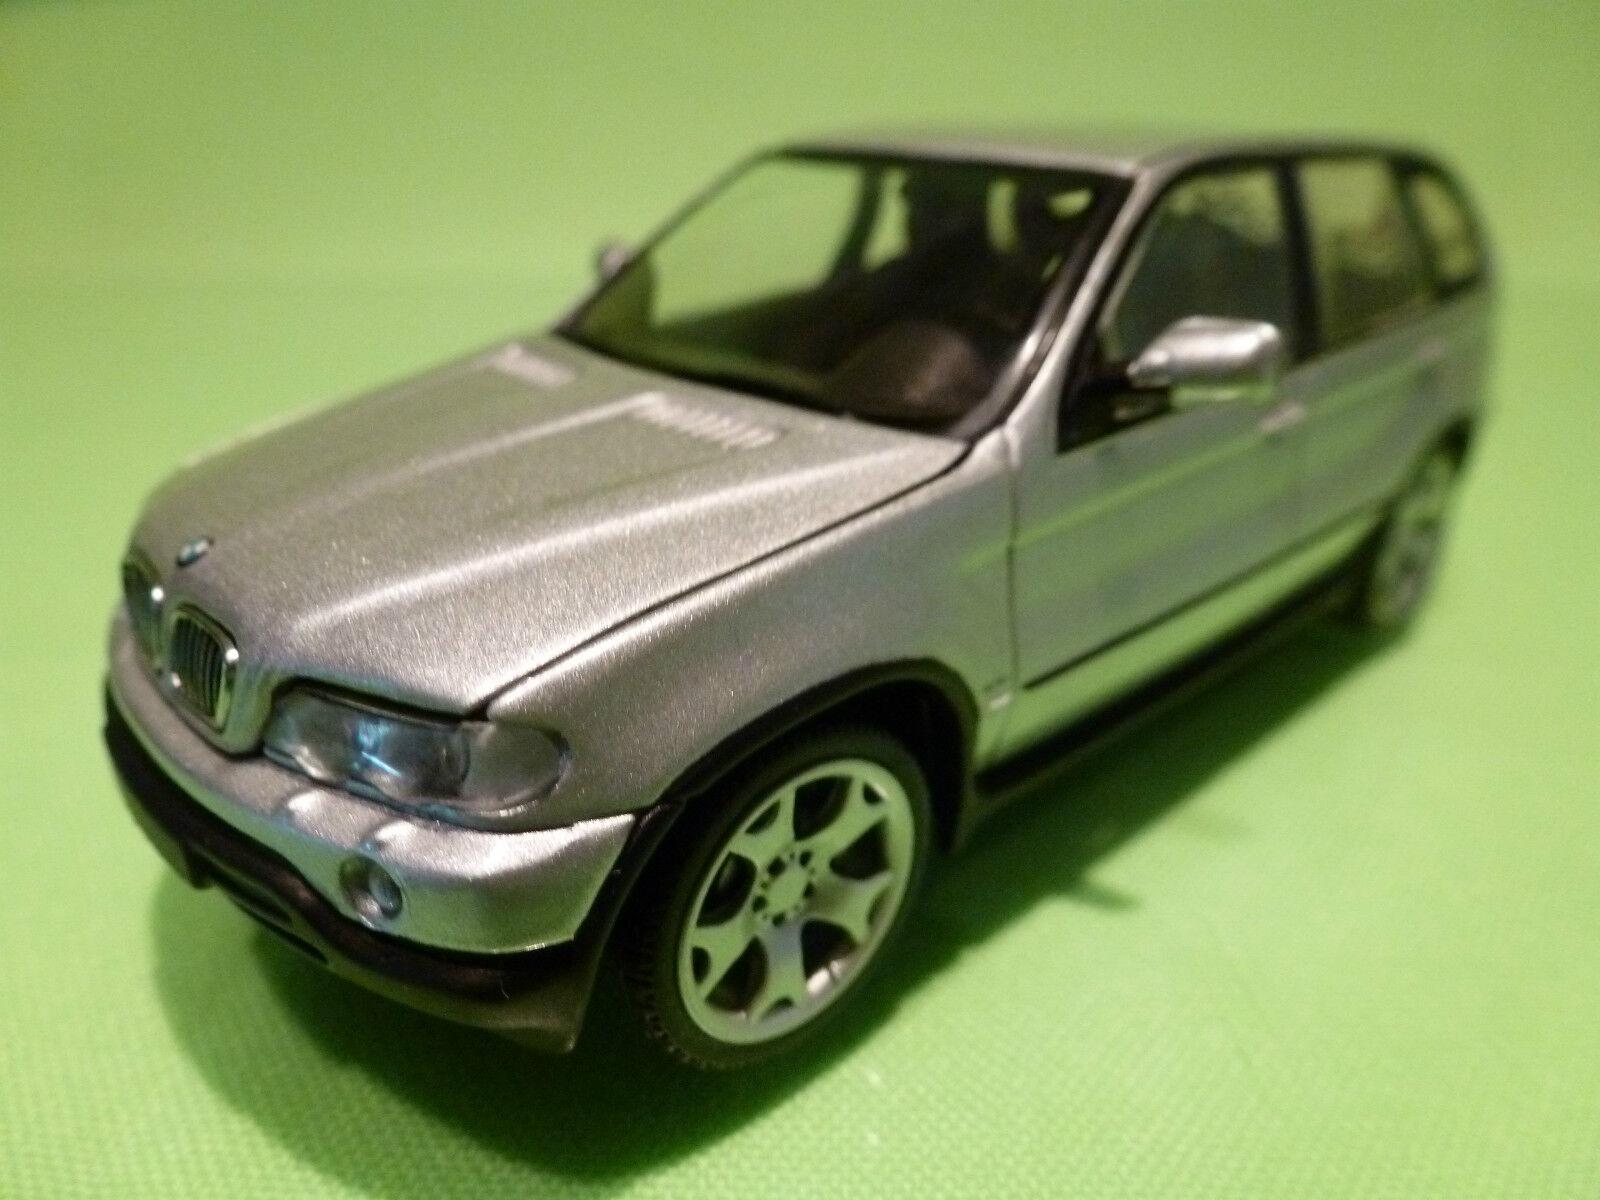 comprar barato MINICHAMPS  BMW X5 - 2x EXHAUST - plata plata plata gris 1 43 - RARE SELTEN - EXCELLENT  100% garantía genuina de contador